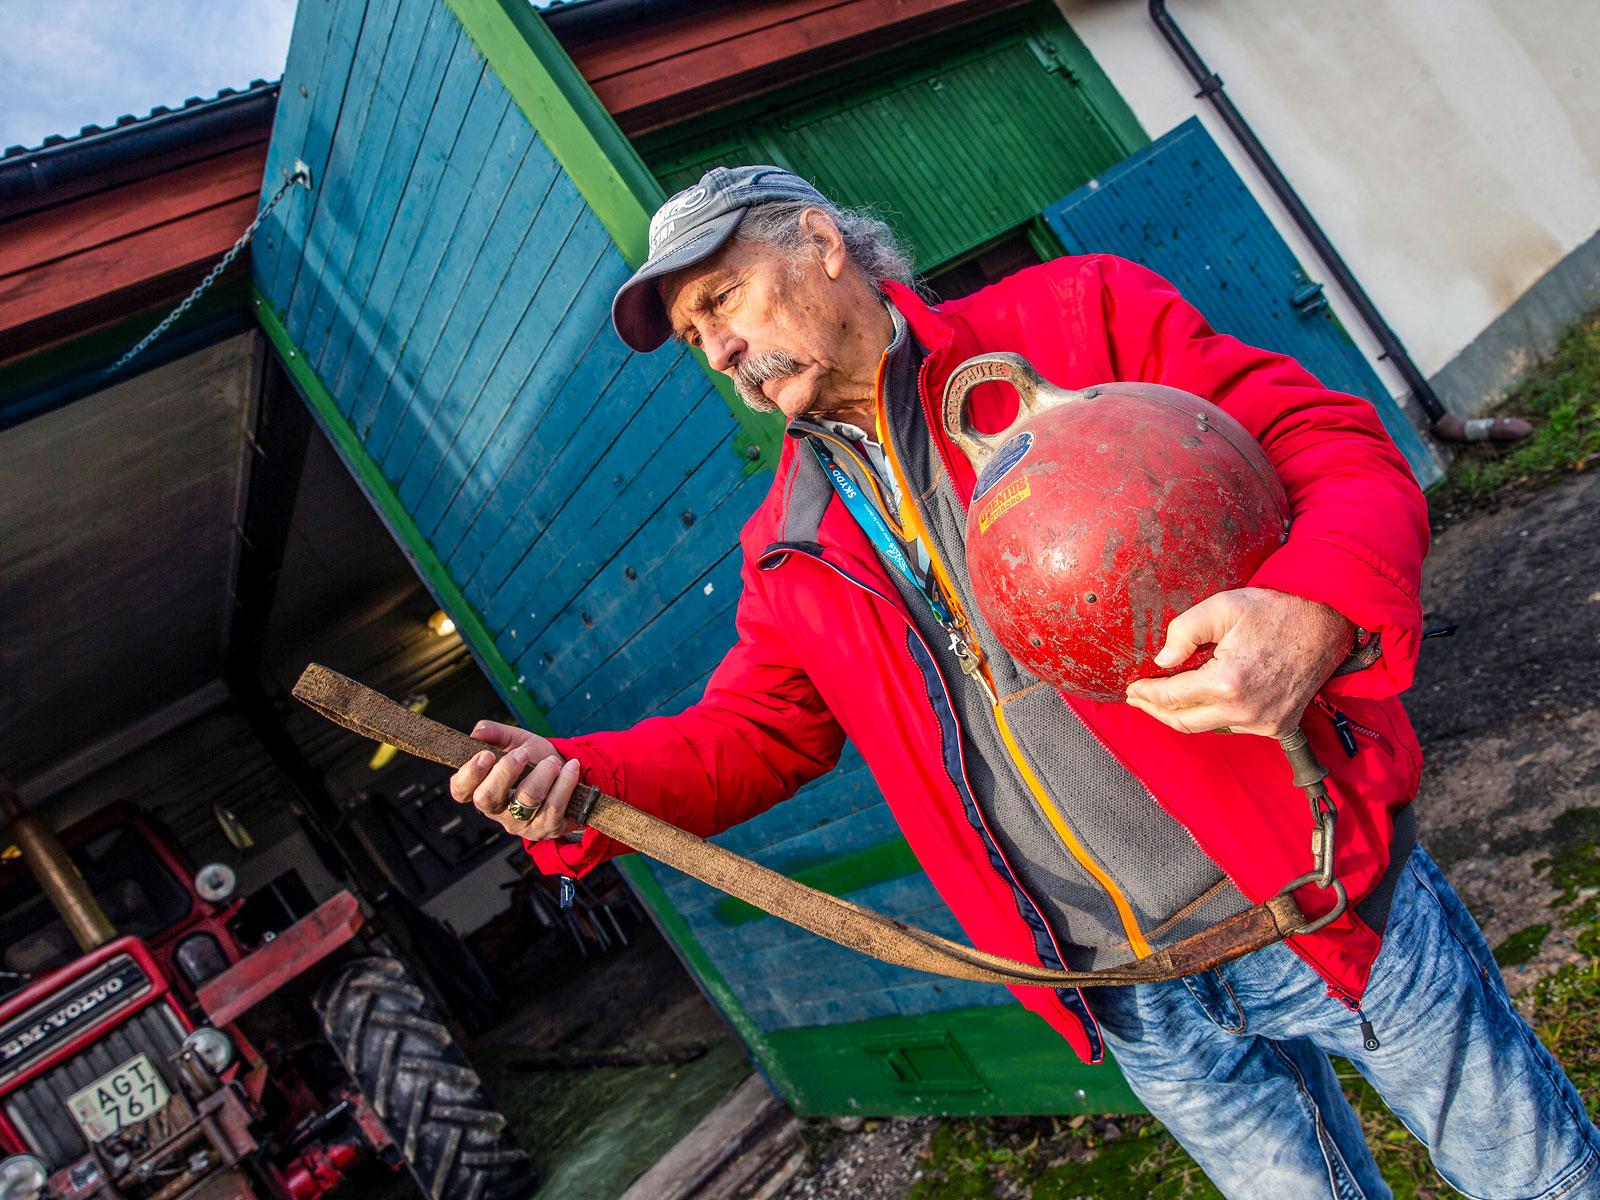 Fast uppe i linbanan? Klaus-Jürgen Schmidt förevisar räddningsbojen: haka fast öglan, trä på dig selen och hoppa!